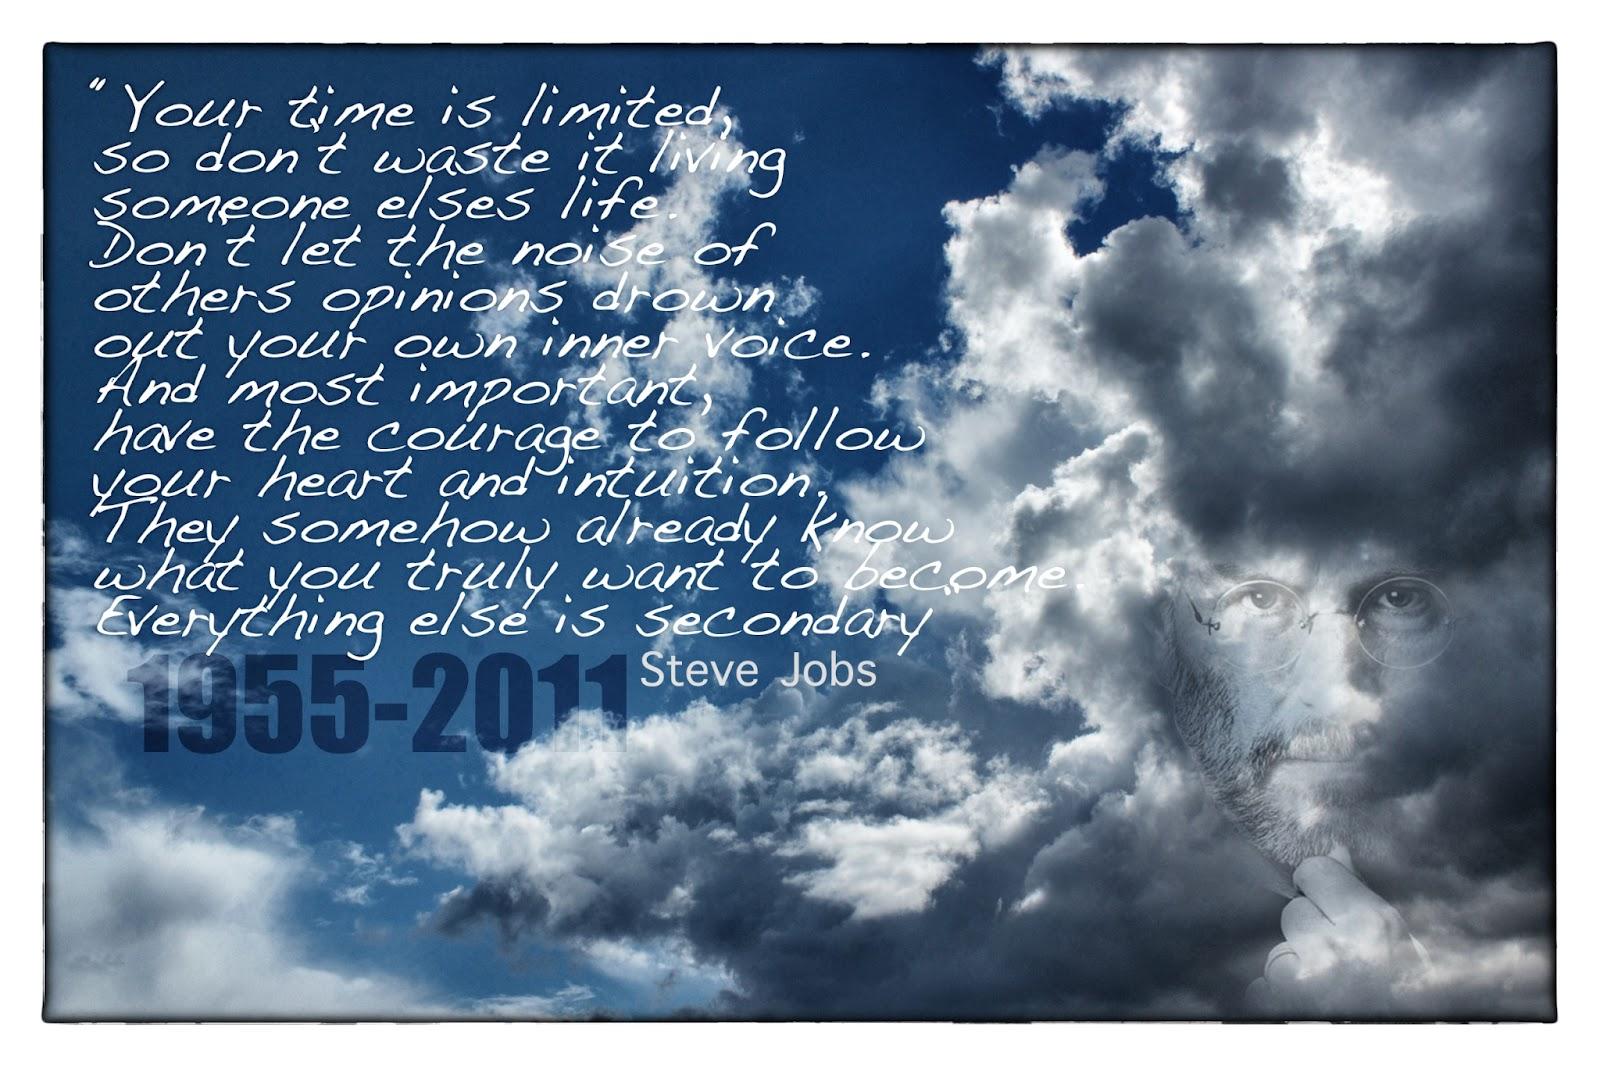 http://4.bp.blogspot.com/-uiMtZZfYzAc/UG3RlNIIqVI/AAAAAAAAC3o/coEUGpasRDw/s1600/Steve+Jobs+1955-2011.jpg